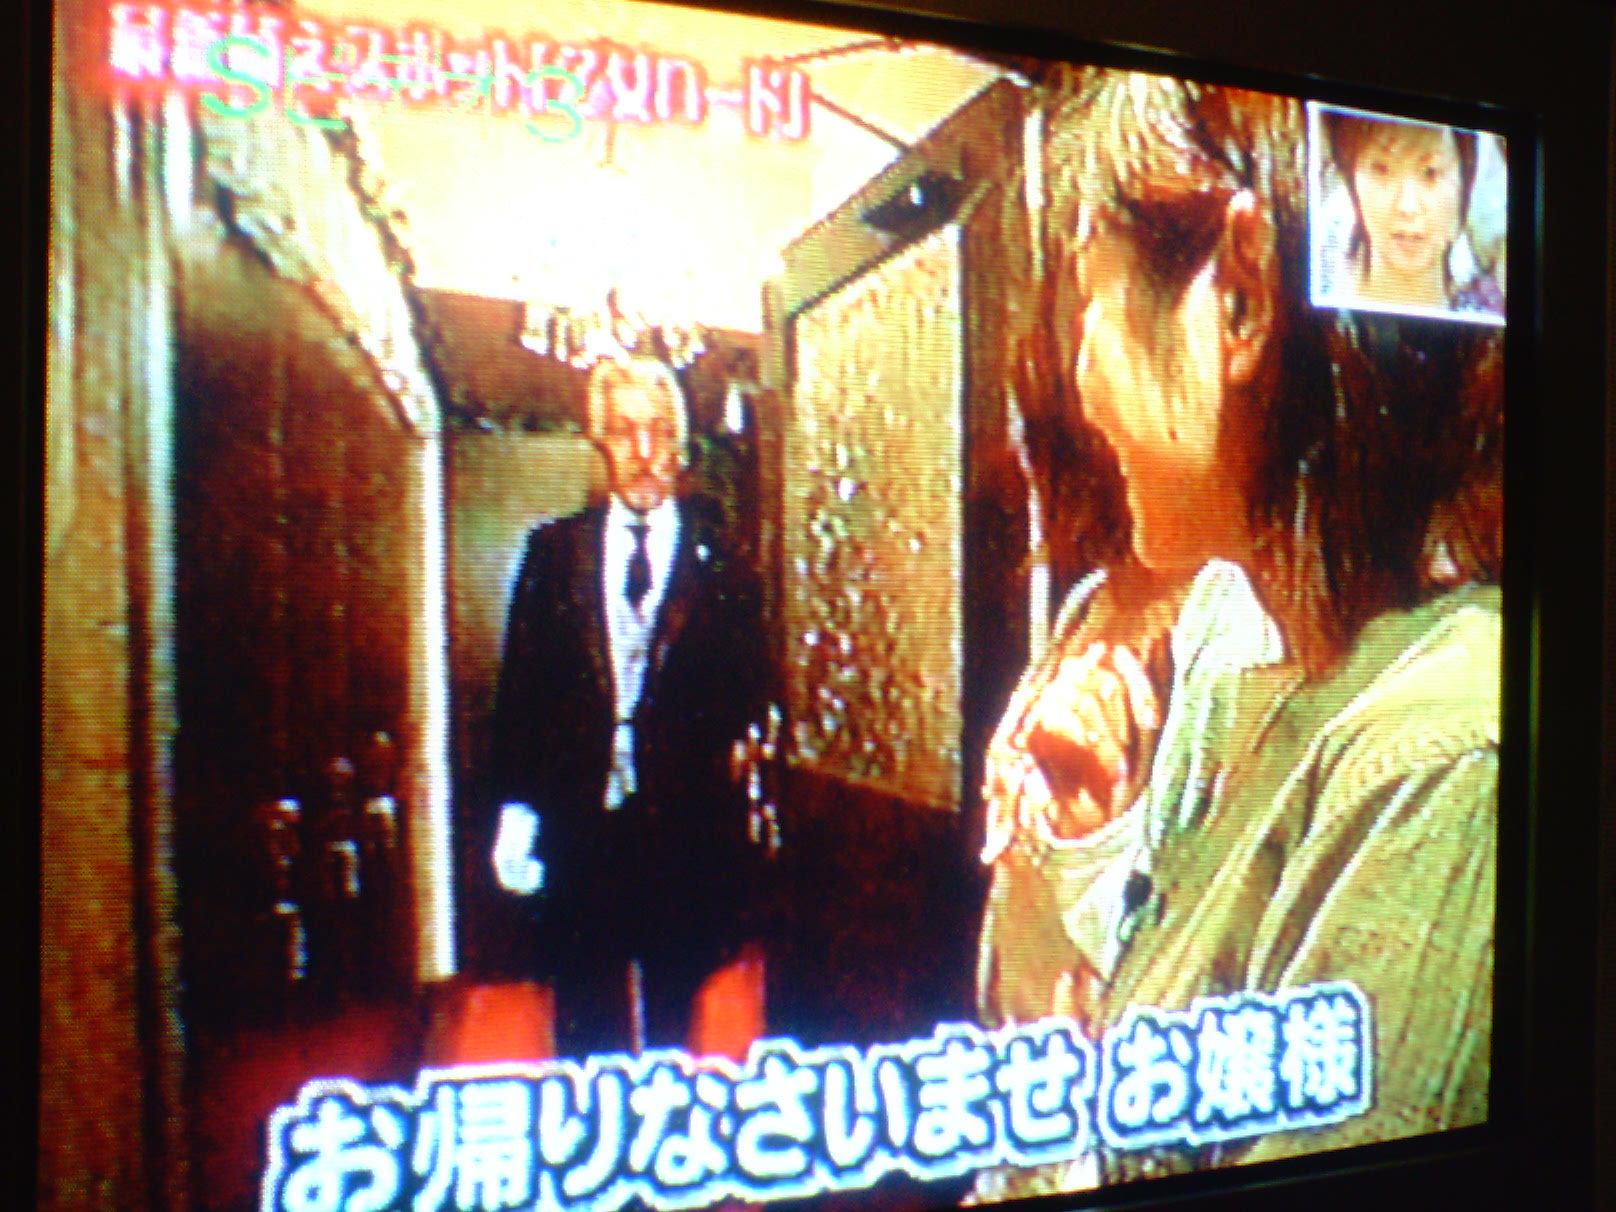 執事喫茶内部♪ リポーターの方が赤い絨毯で圧倒され、 お迎えを受けてさらに圧倒されてい... 執